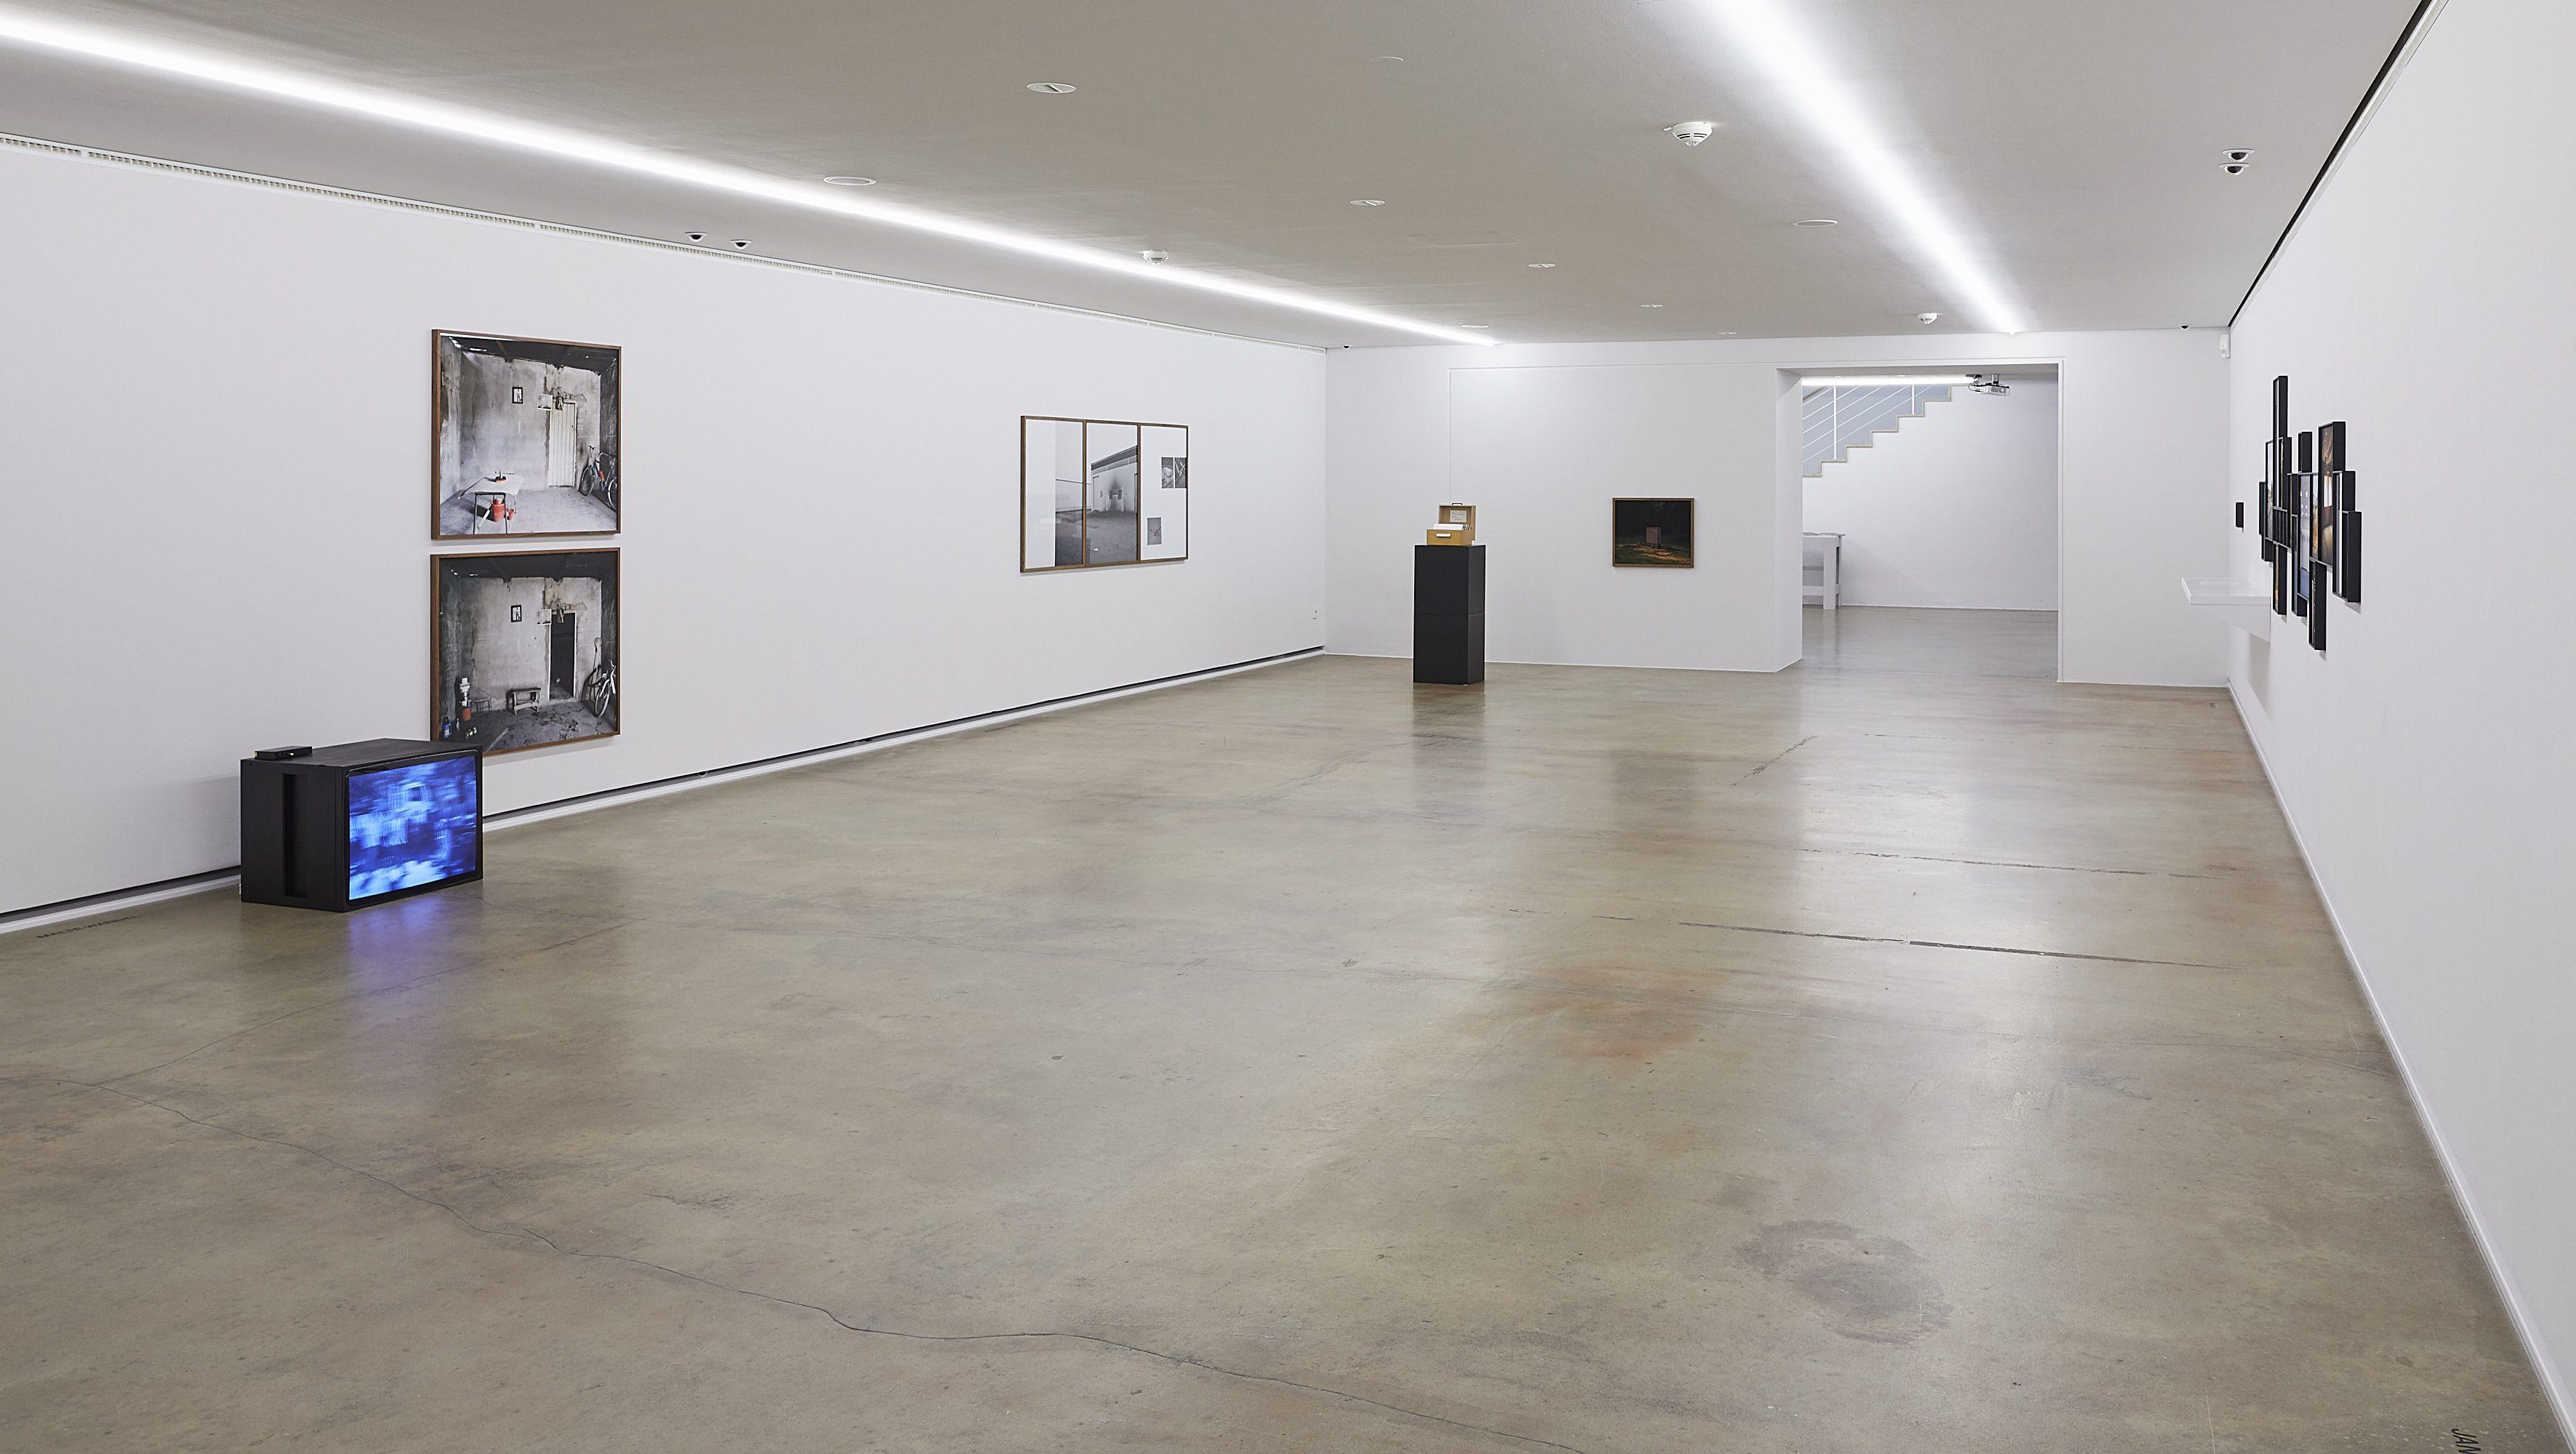 Raumansicht mit Arbeiten von Malte Wandel, Johann Husser und Andreas Till